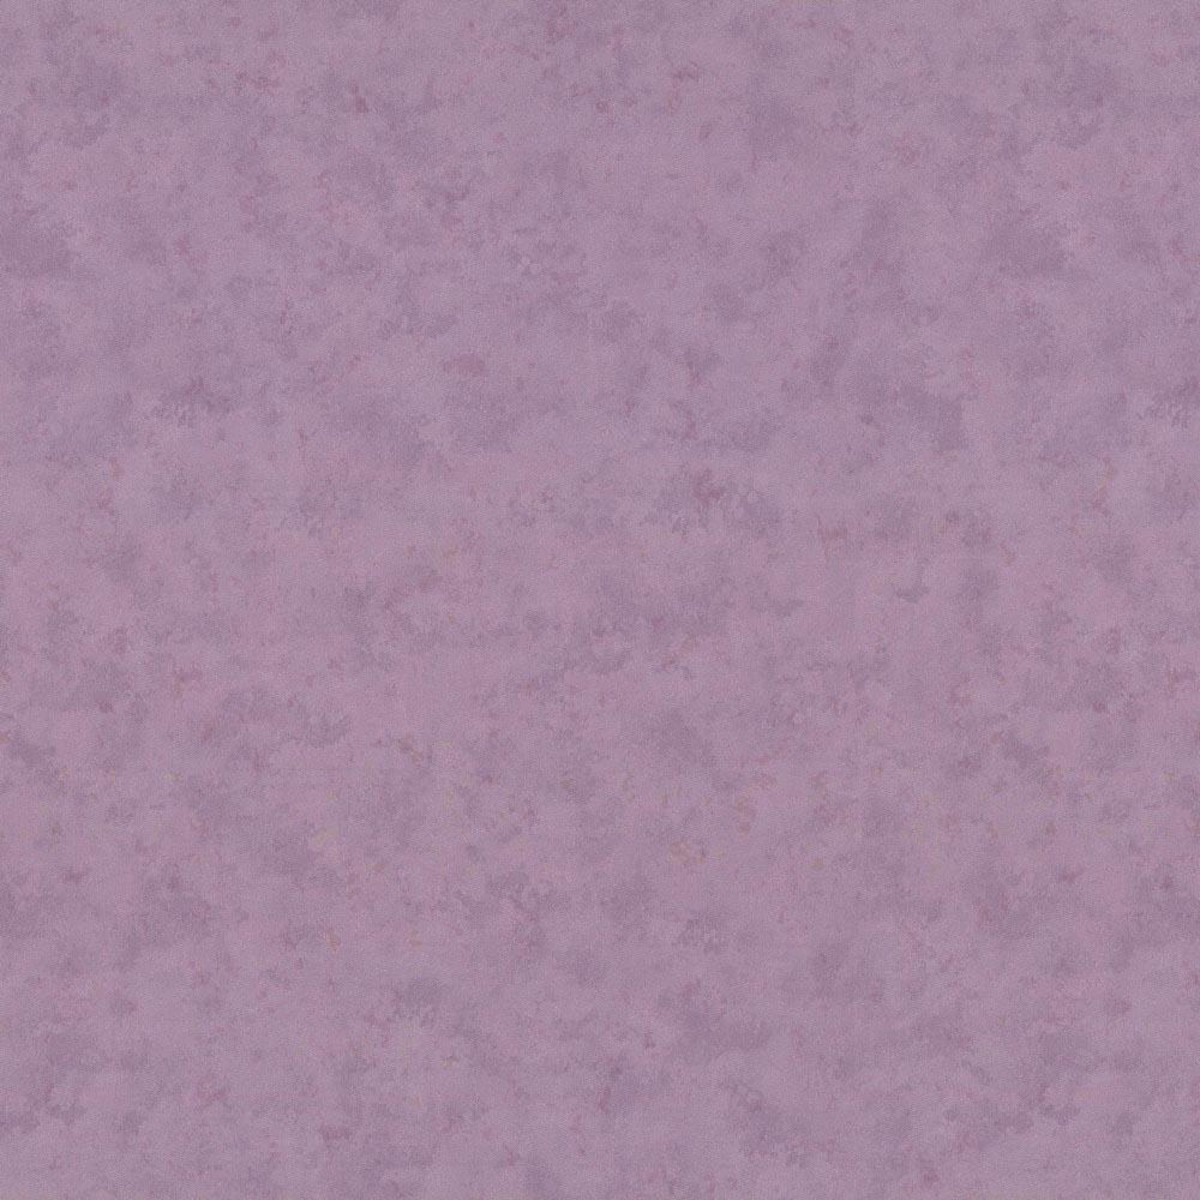 Обои виниловые Homecolor Reflect HC71542-54 1.06 м